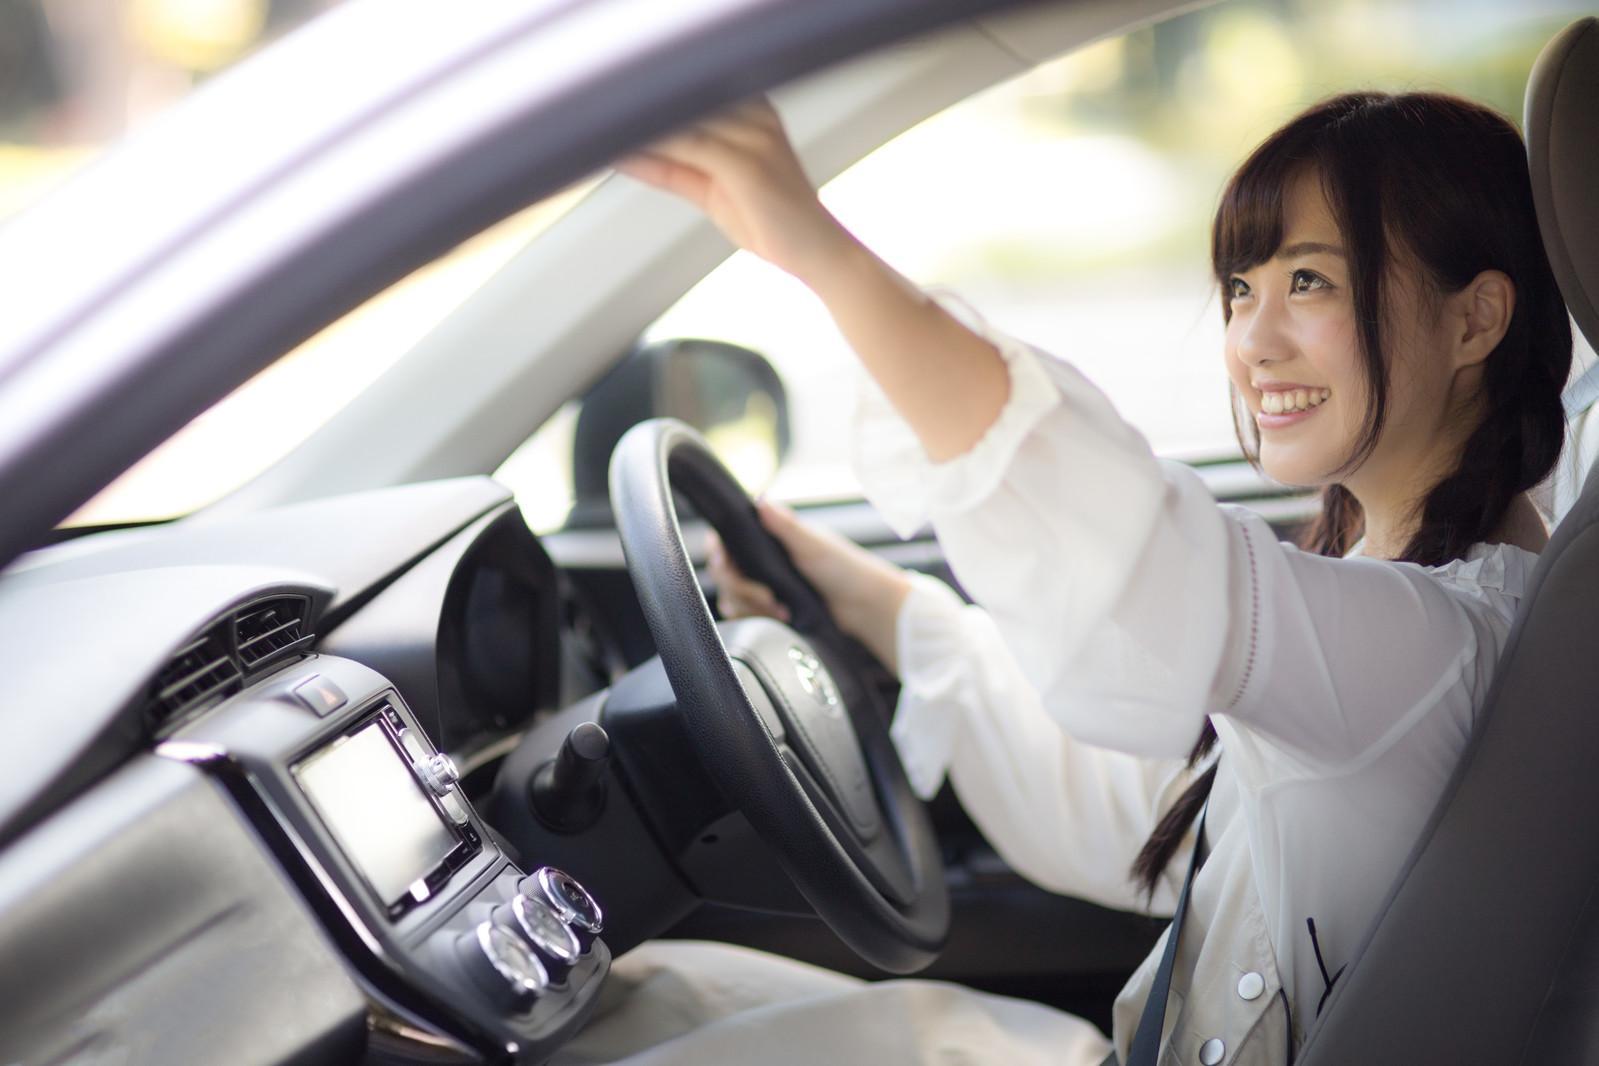 車中でバックミラーを確認する女性